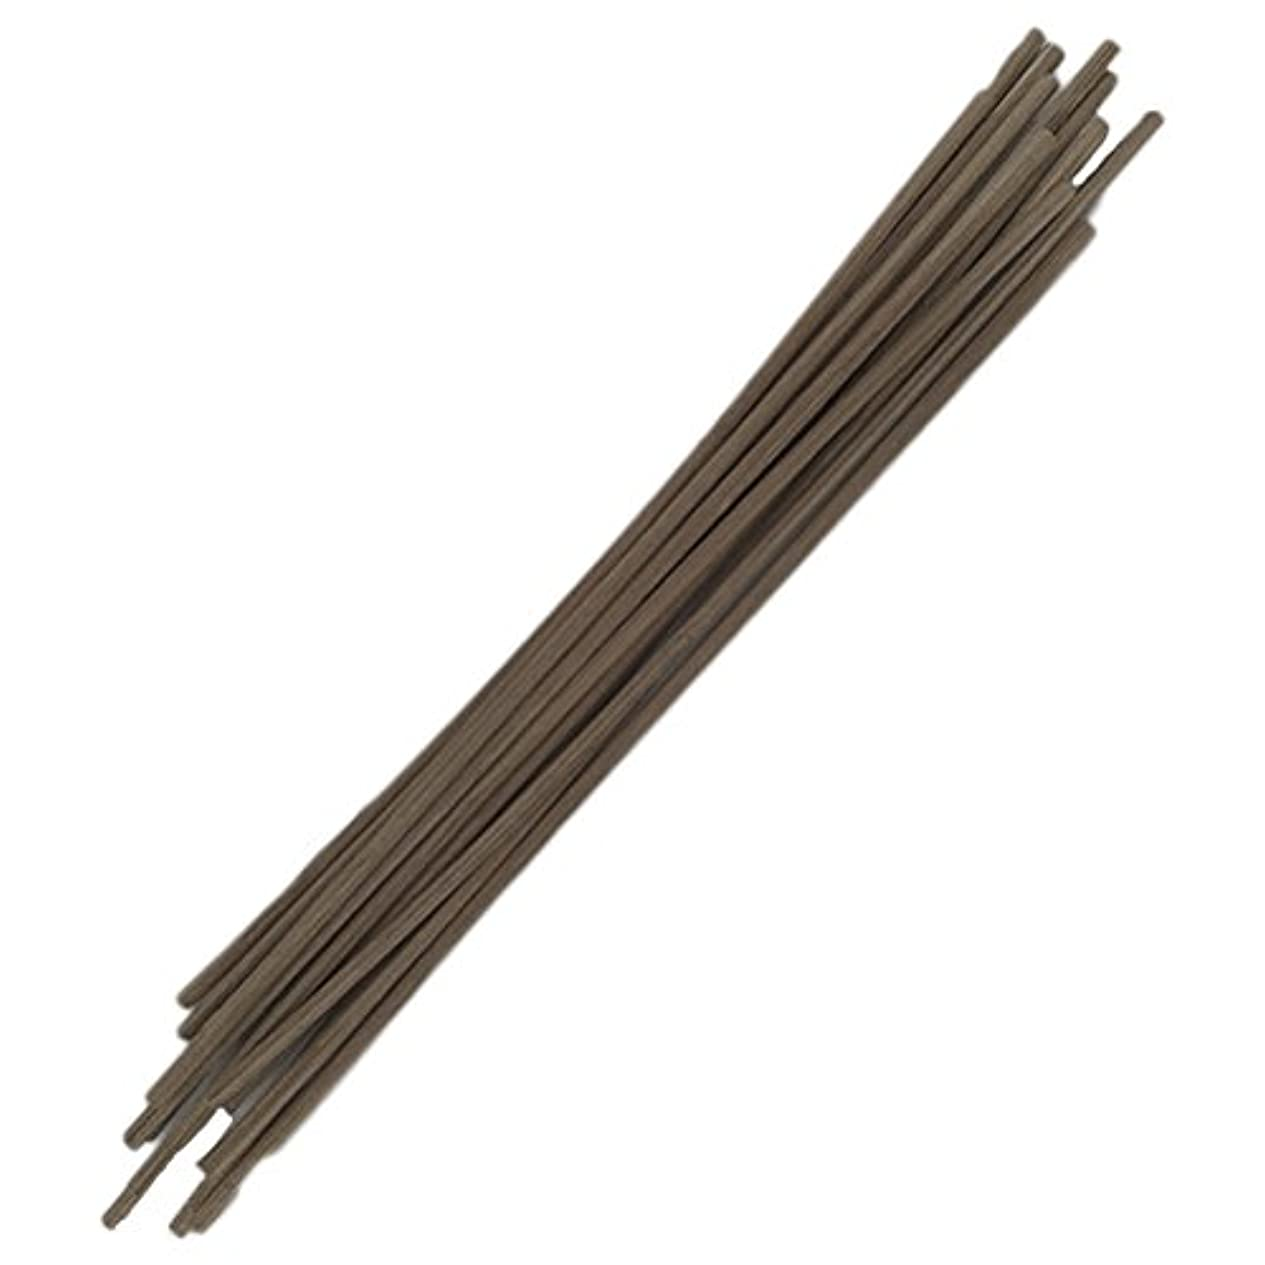 兵器庫エラーペンダントHealifty 30pcs籐のリードは自然の香りのリードのディフューザーのアロマオイルディフューザー籐25センチメートルスティック